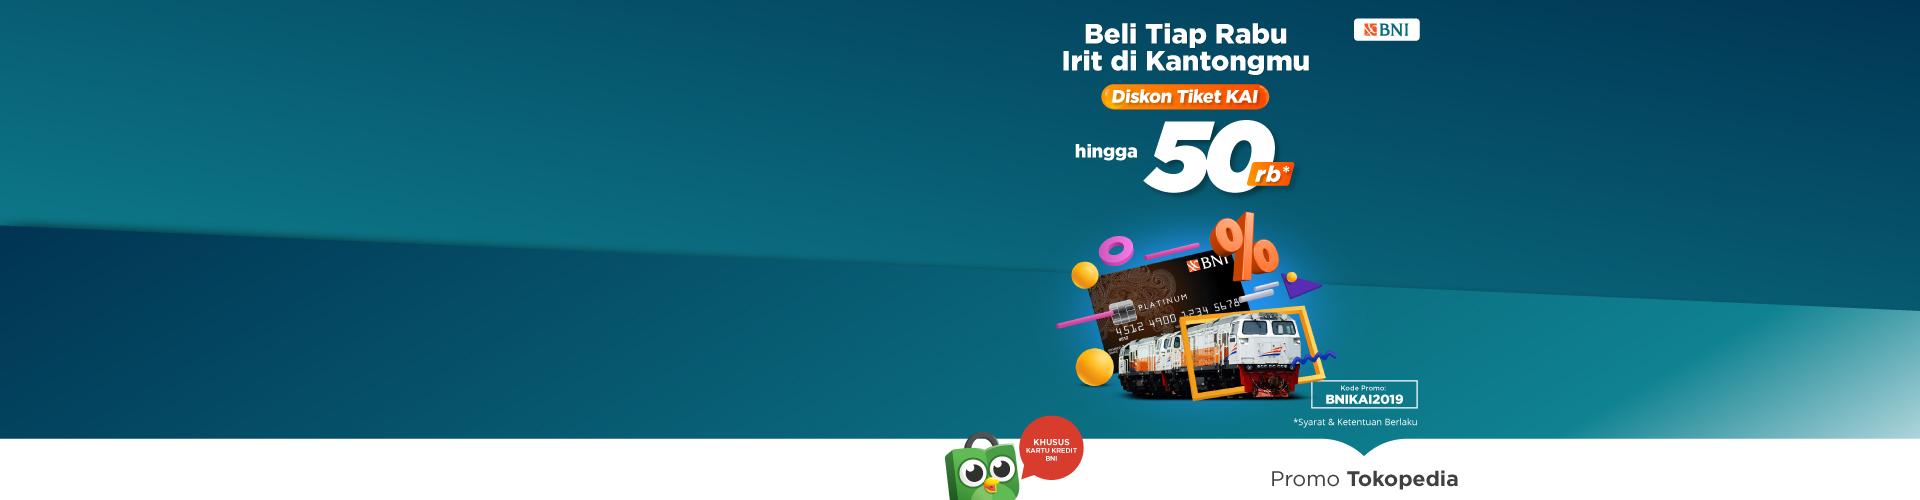 Hanya di hari Rabu beli tiket kereta bisa dapat diskon hingga 50rb dengan kartu kredit BNI!